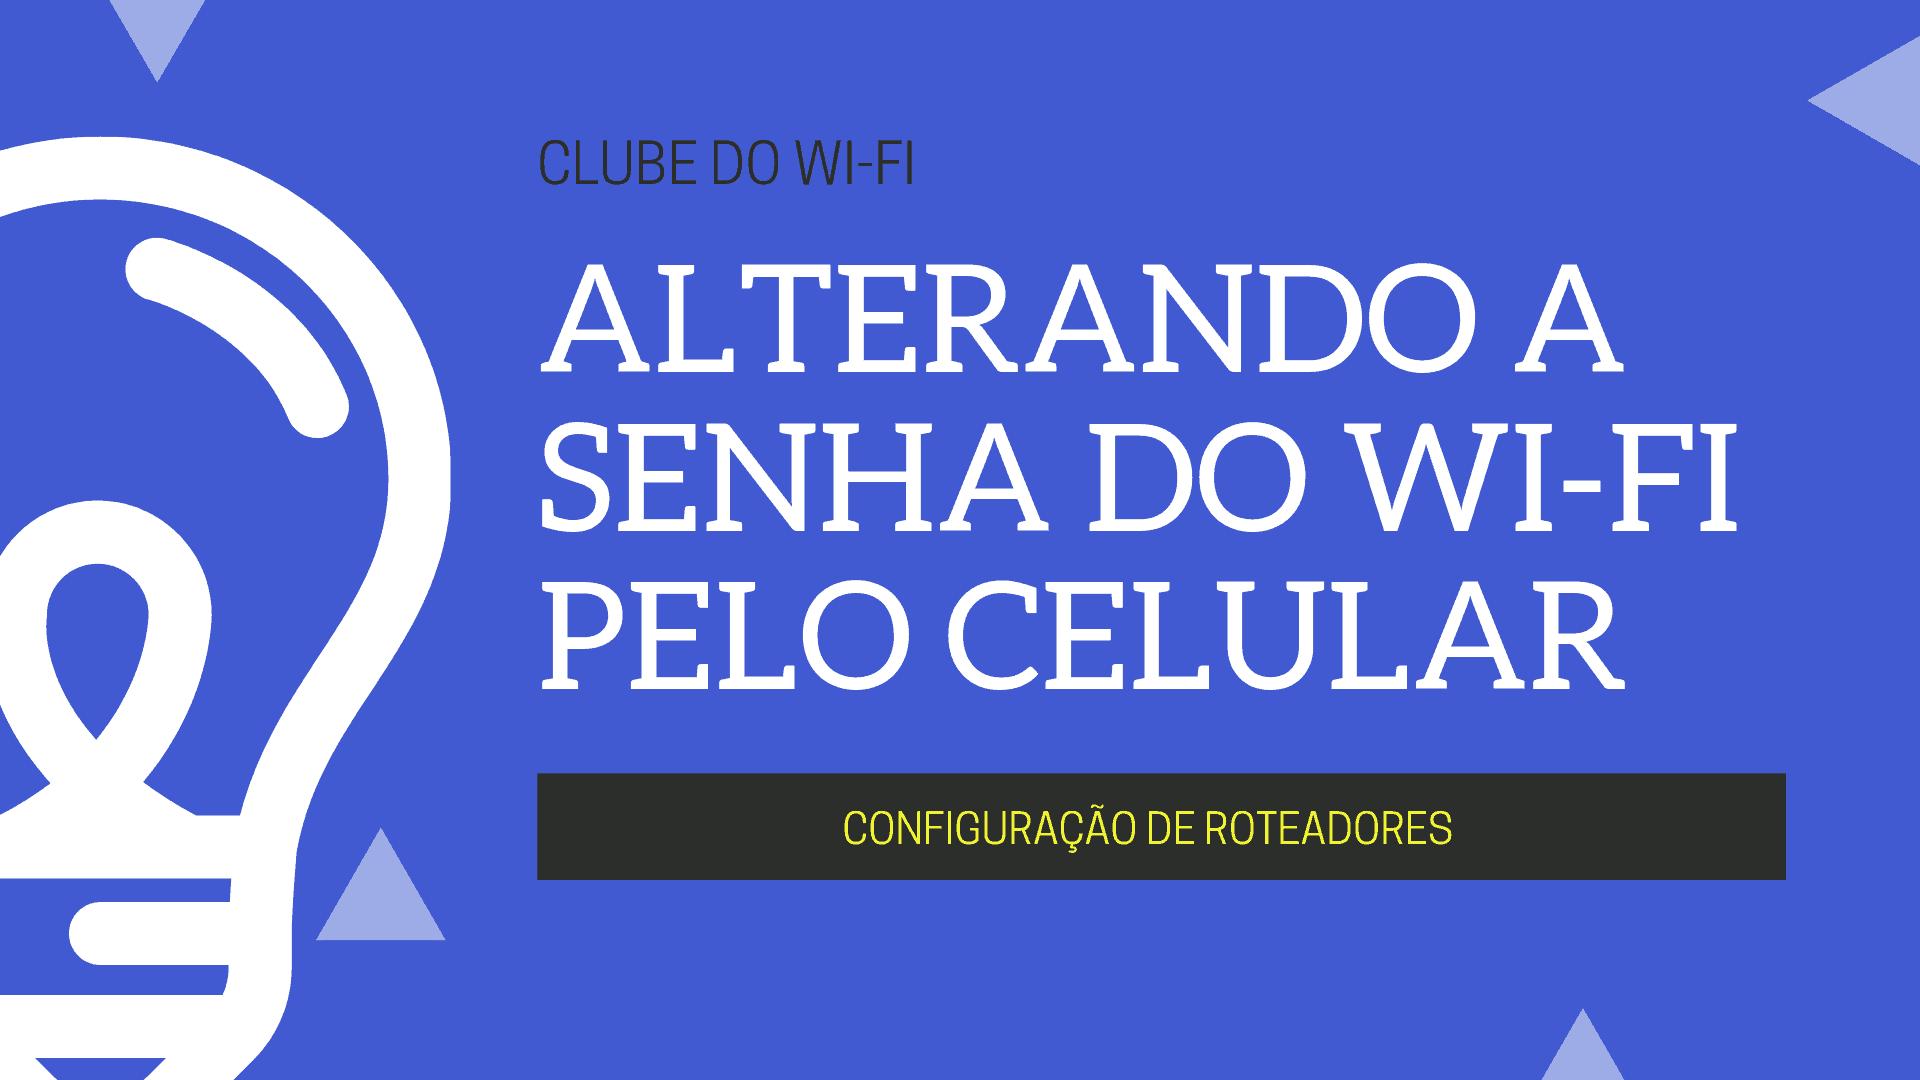 COMO ALTERAR A SENHA DO ROTEADOR PELO CELULAR